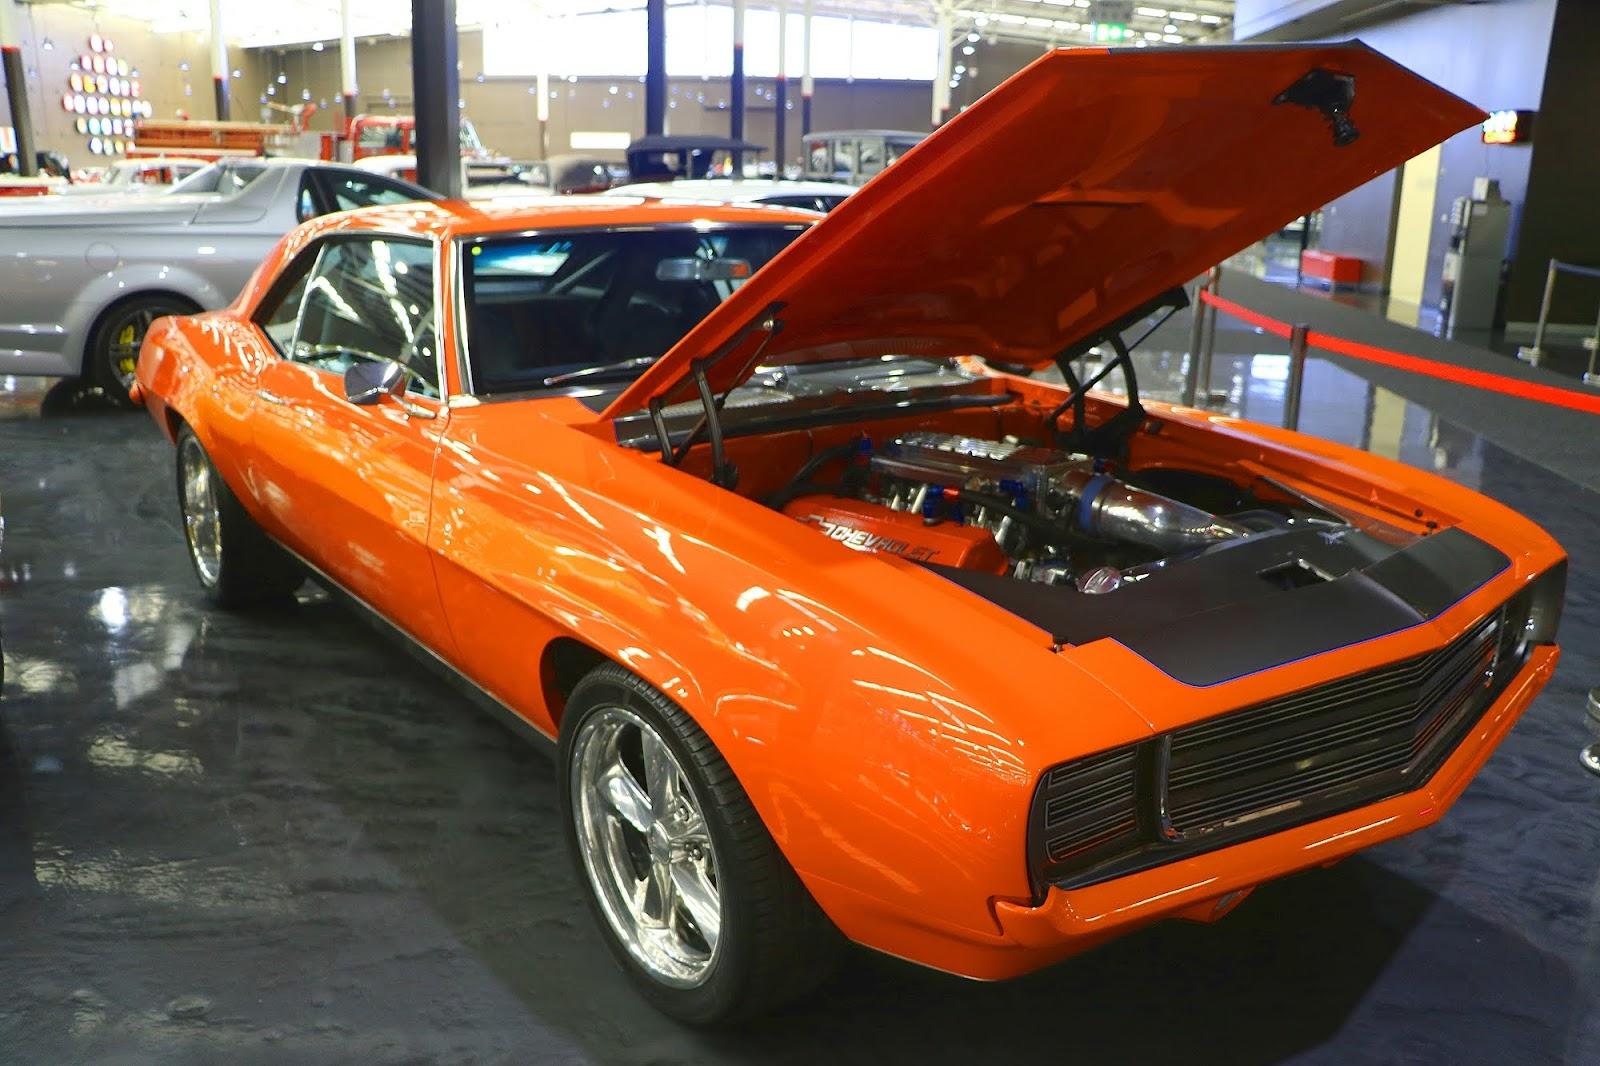 1969 Chevrolet Camaro Z28 (Chip Foose Design) (05).jpg